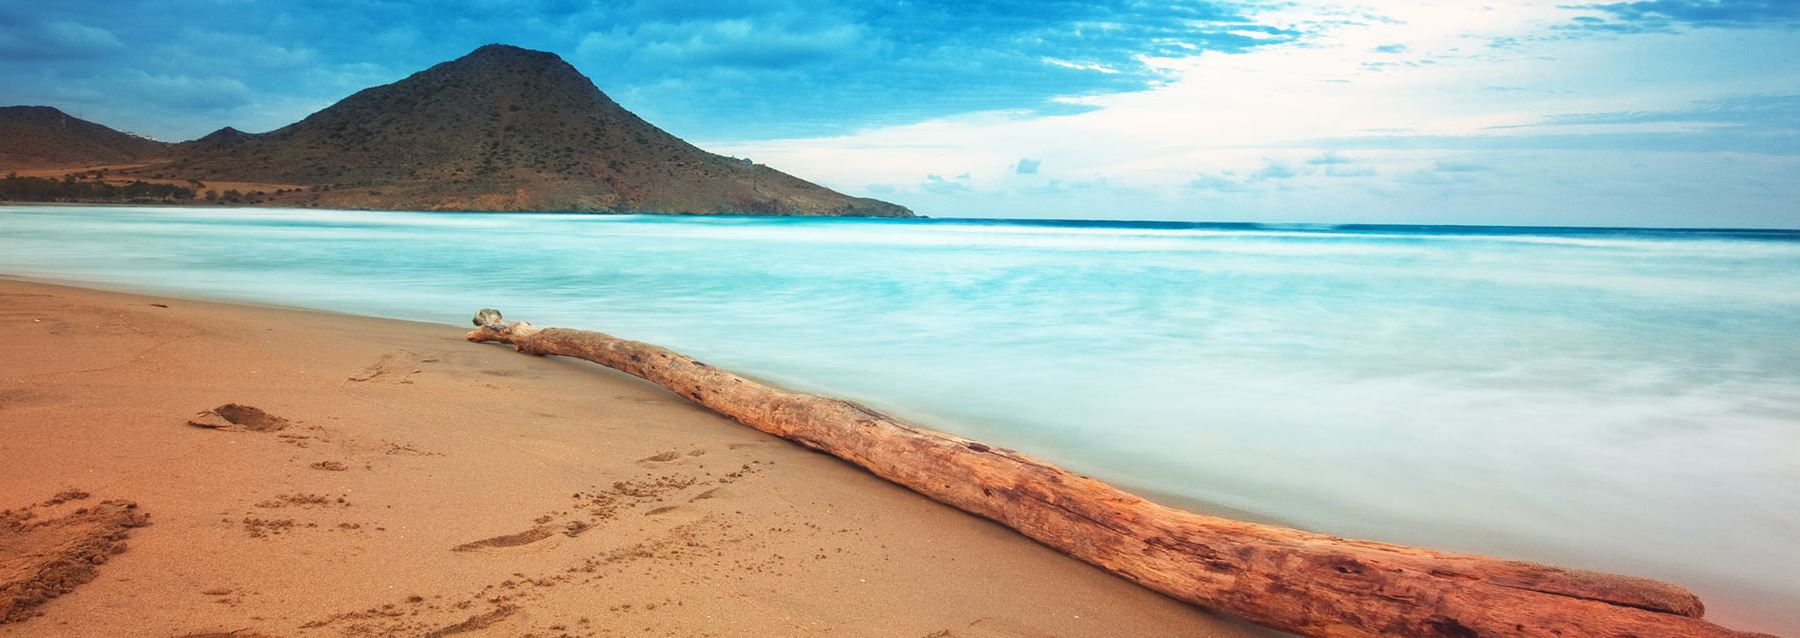 Playas de Almeria B2Bviajes